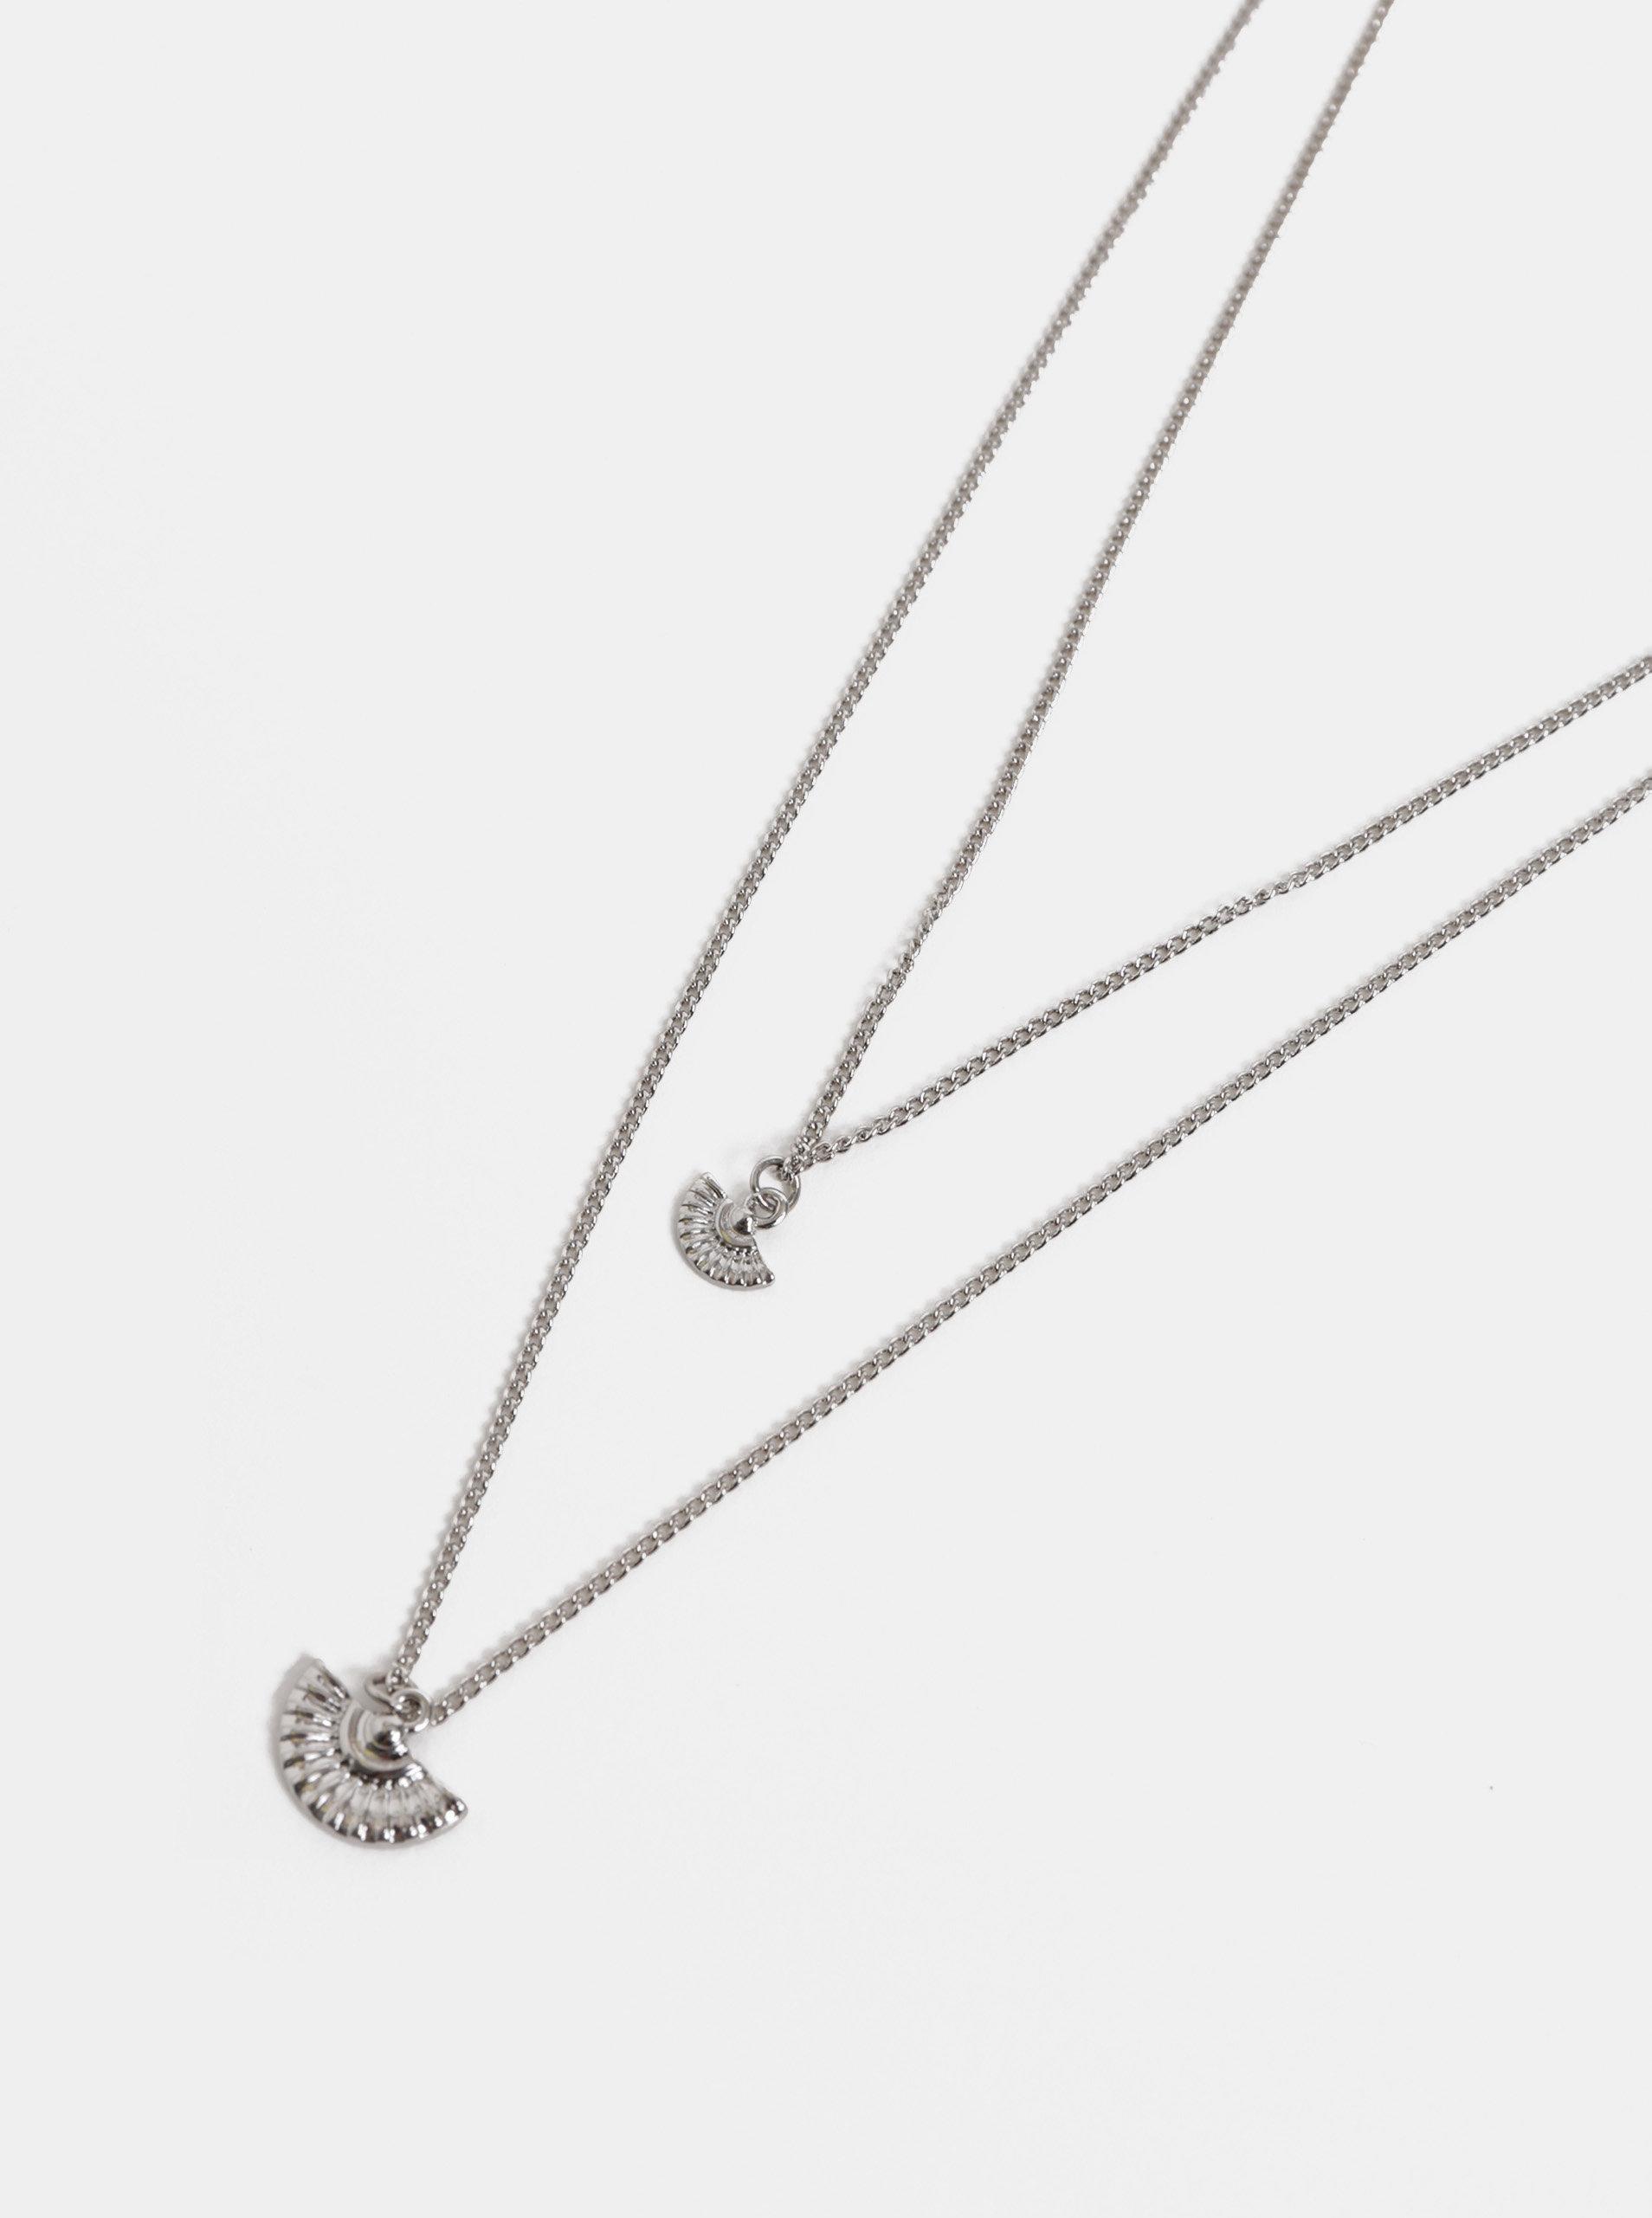 63f5a668a Náhrdelník ve stříbrné barvě s půlkruhovými přívěsky Pieces | ZOOT.cz